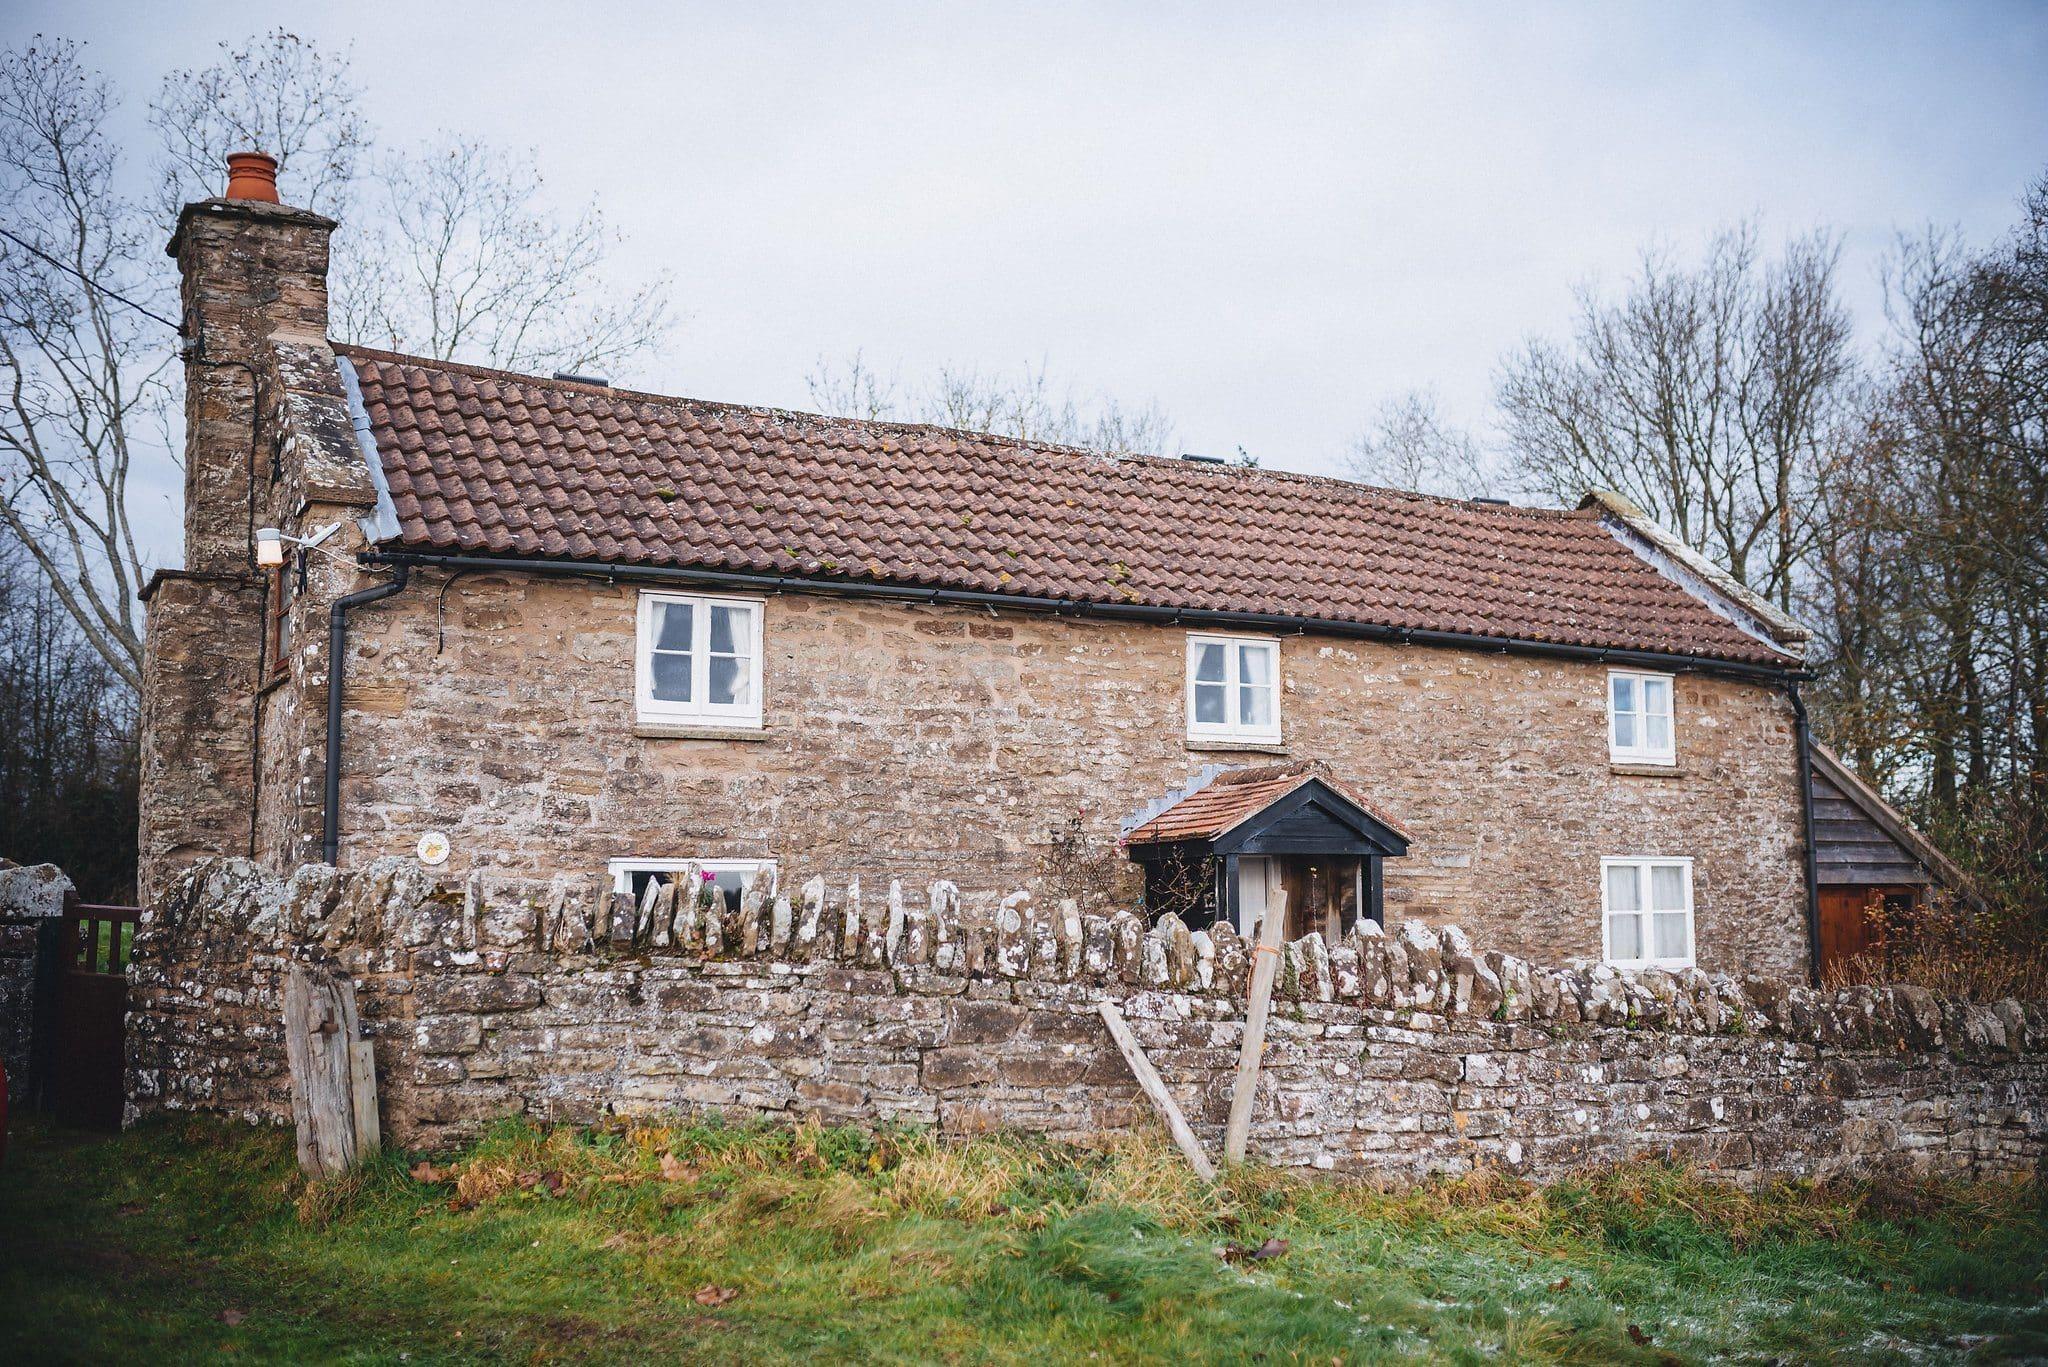 External shot of bride's parents' house